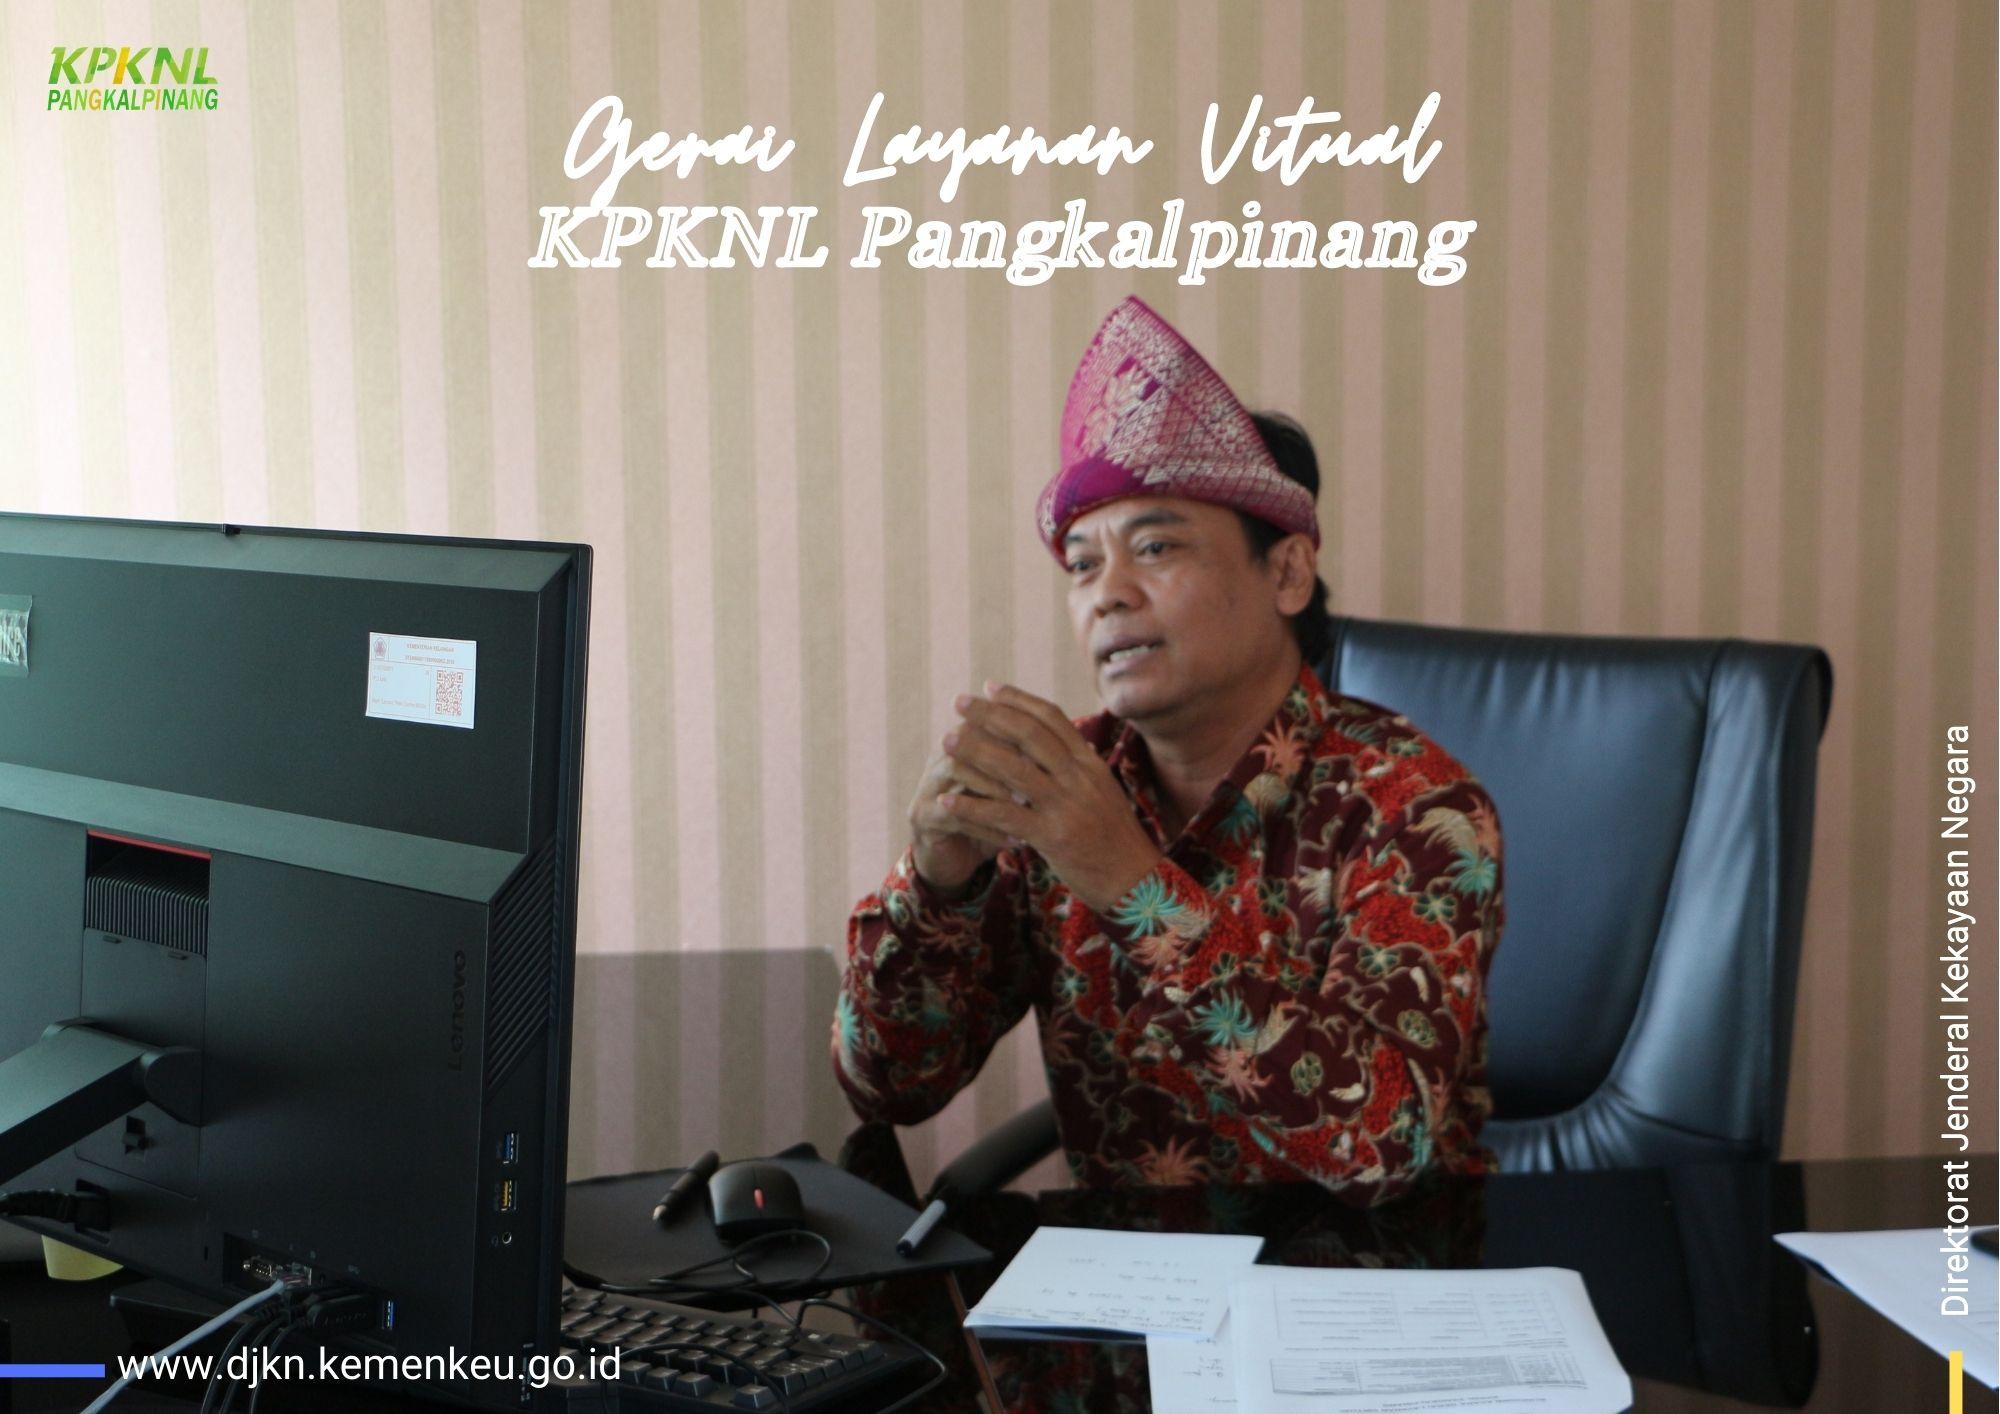 Memasyarakatkan Digitalisasi Lelang, KPKNL Pangkalpinang Gelar Gerai Layanan Virtual